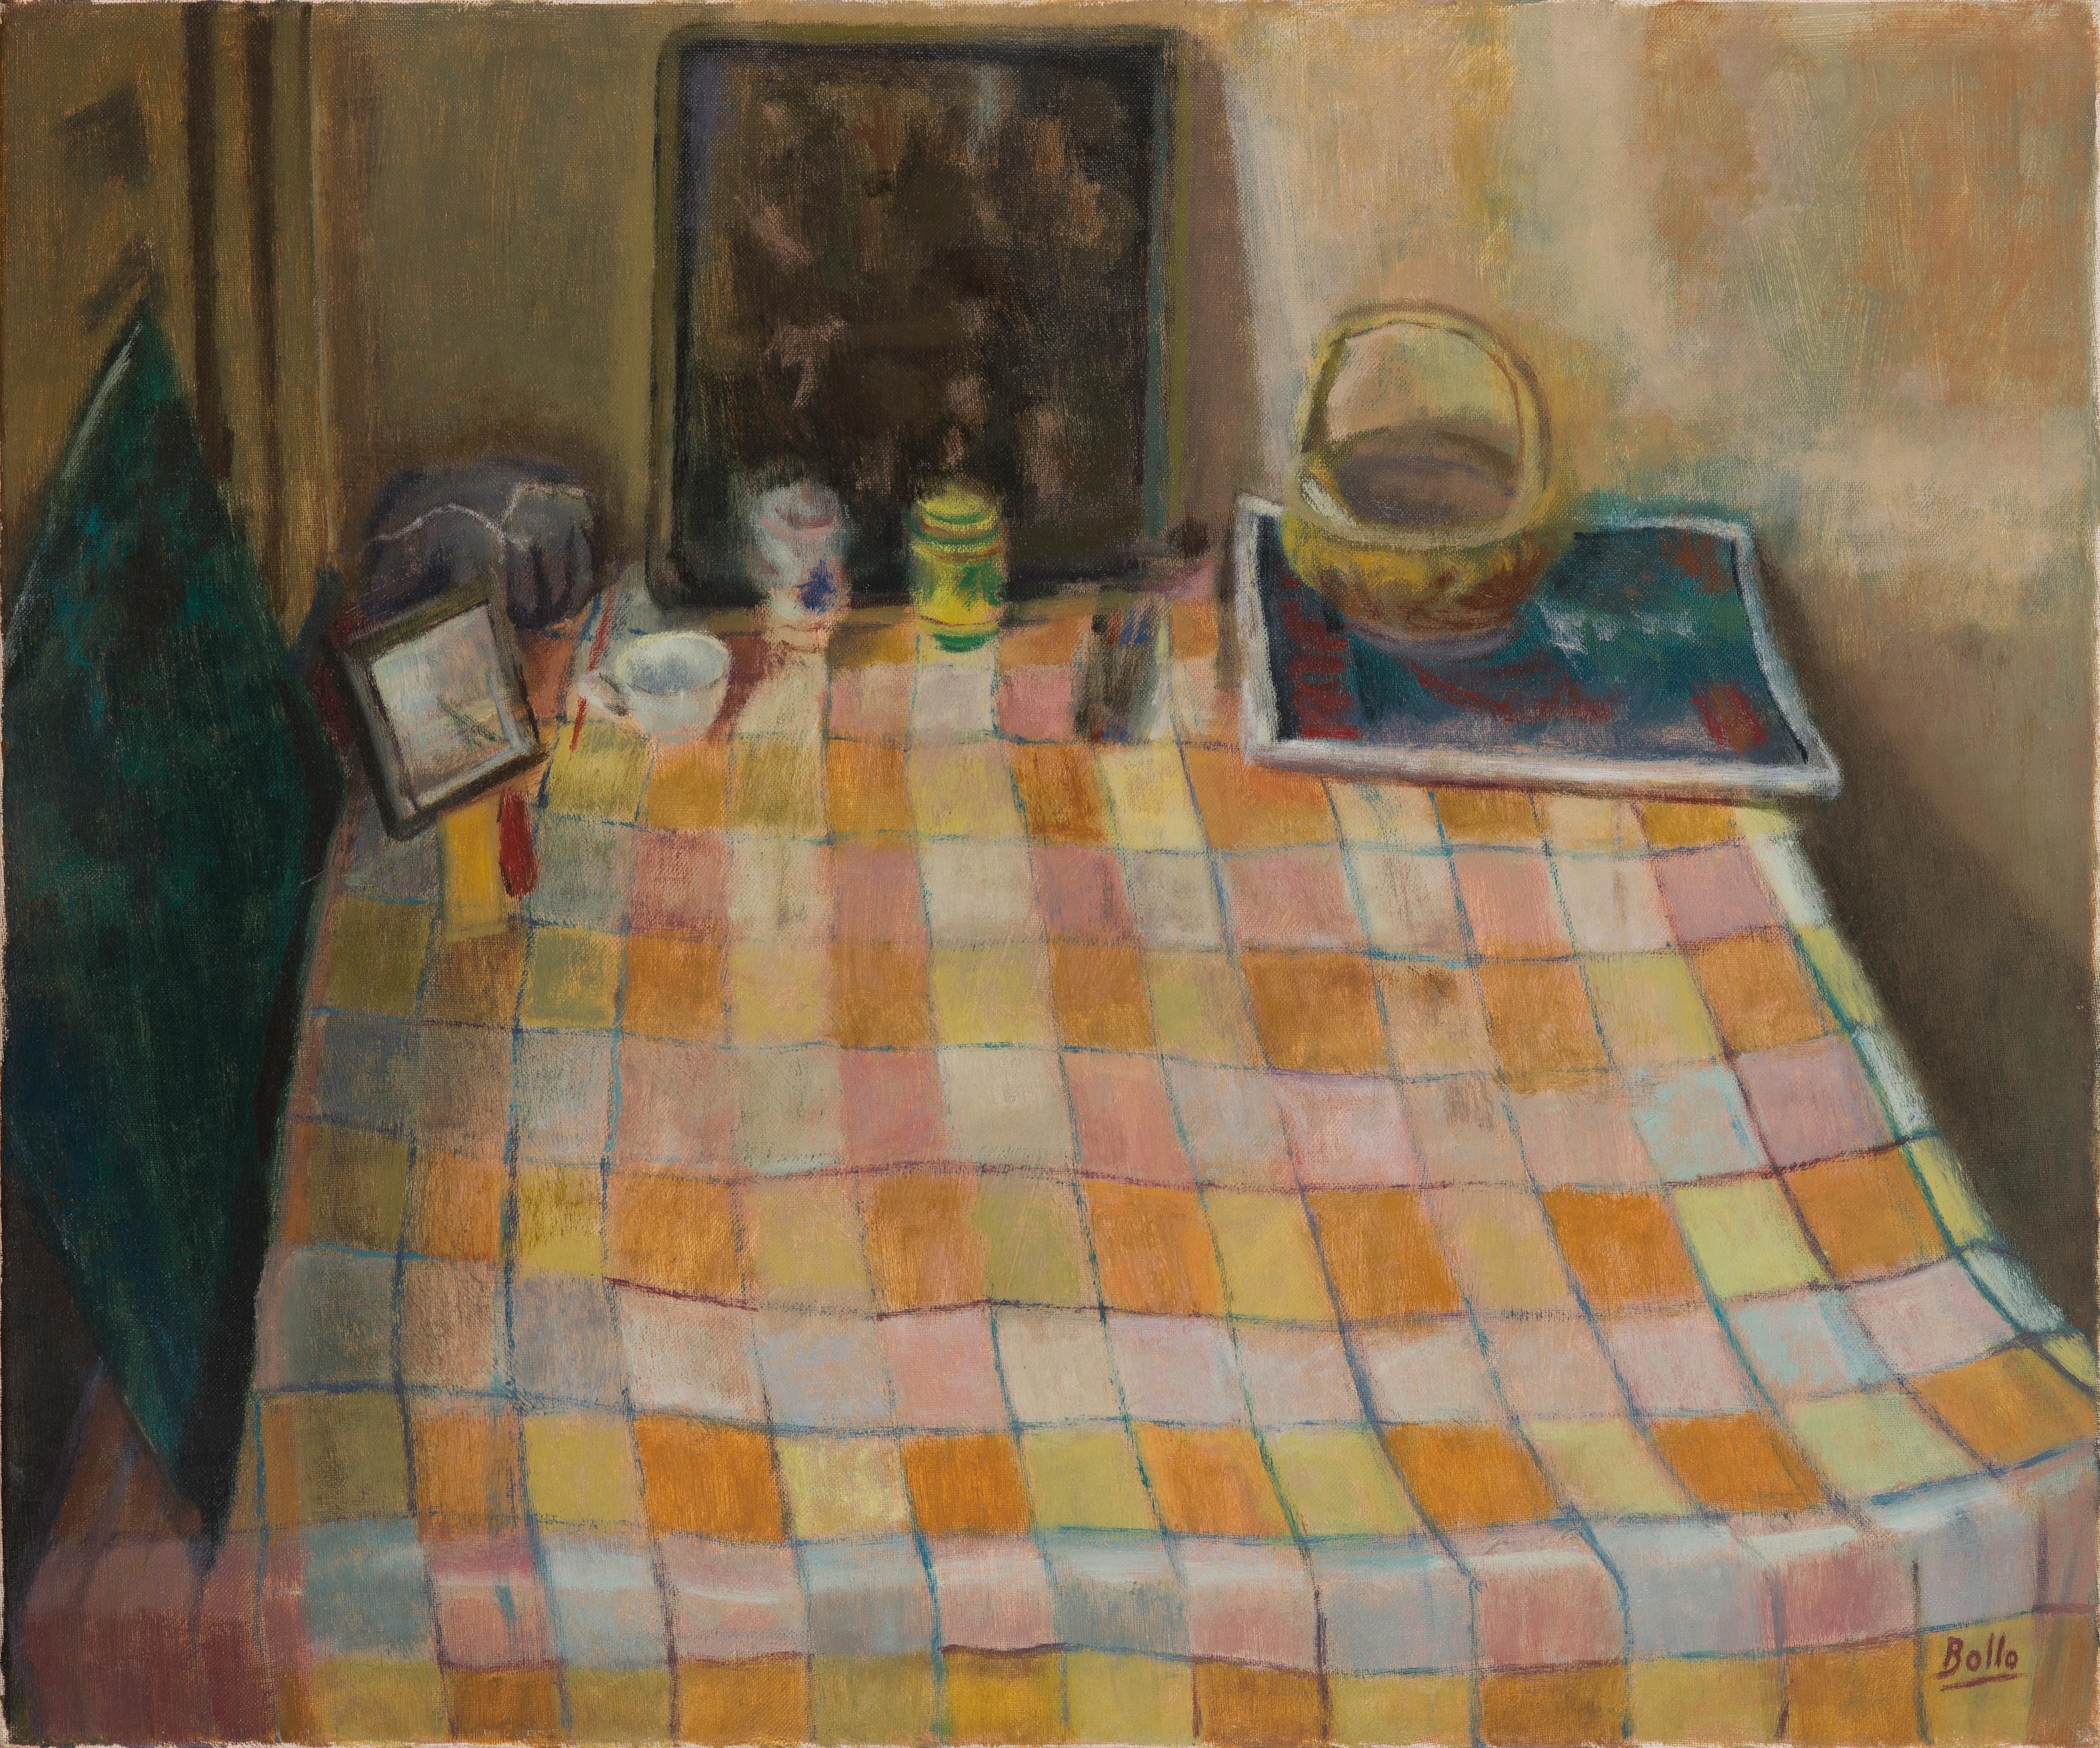 La nappe à carreaux jaunes